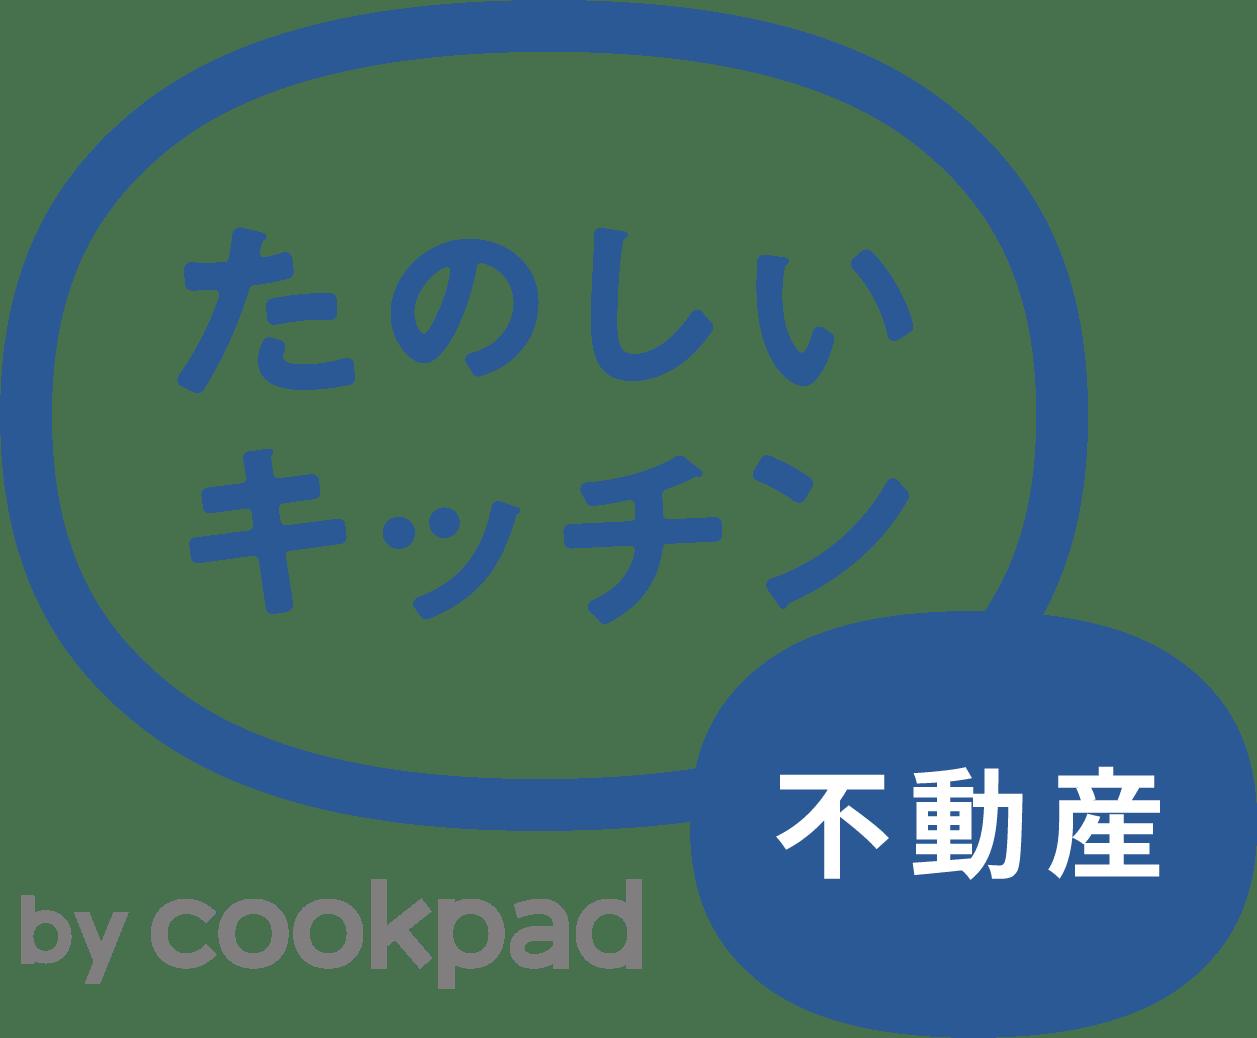 たのしいキッチン不動産